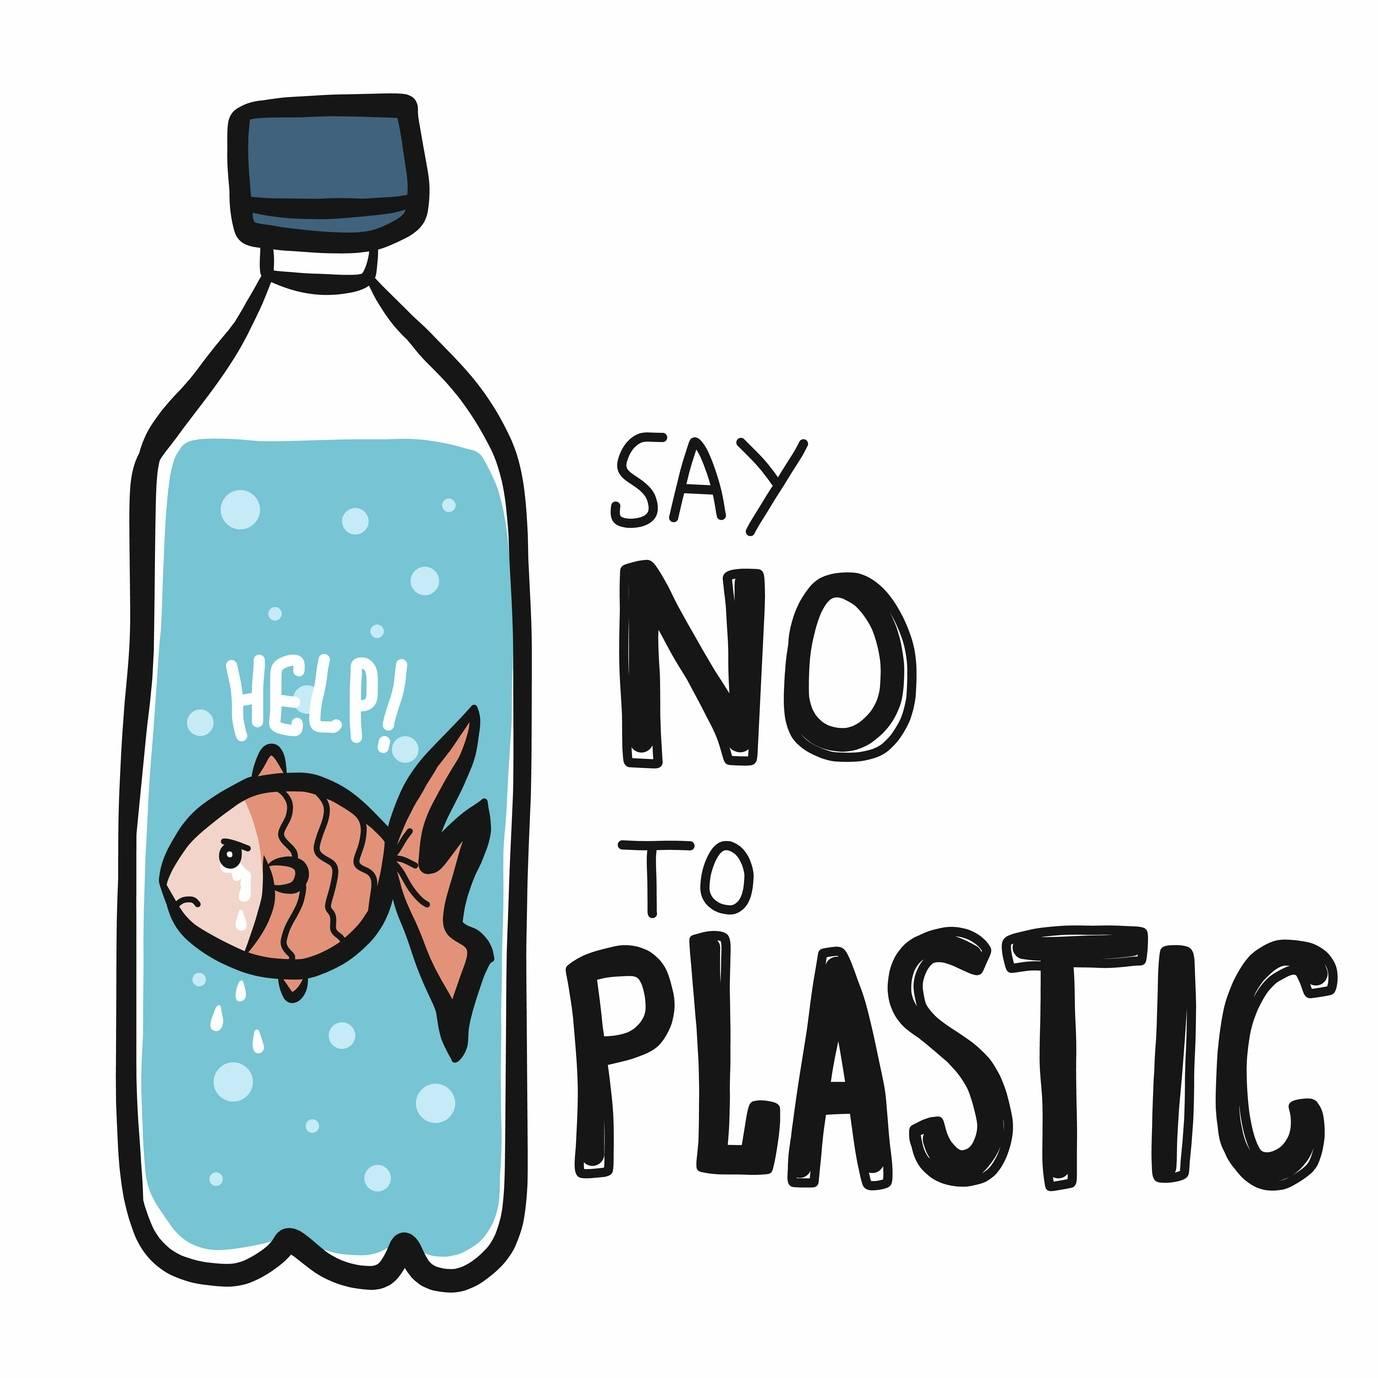 Czym zastąpić plastik? Powiedz nie plastikowi - grafika.